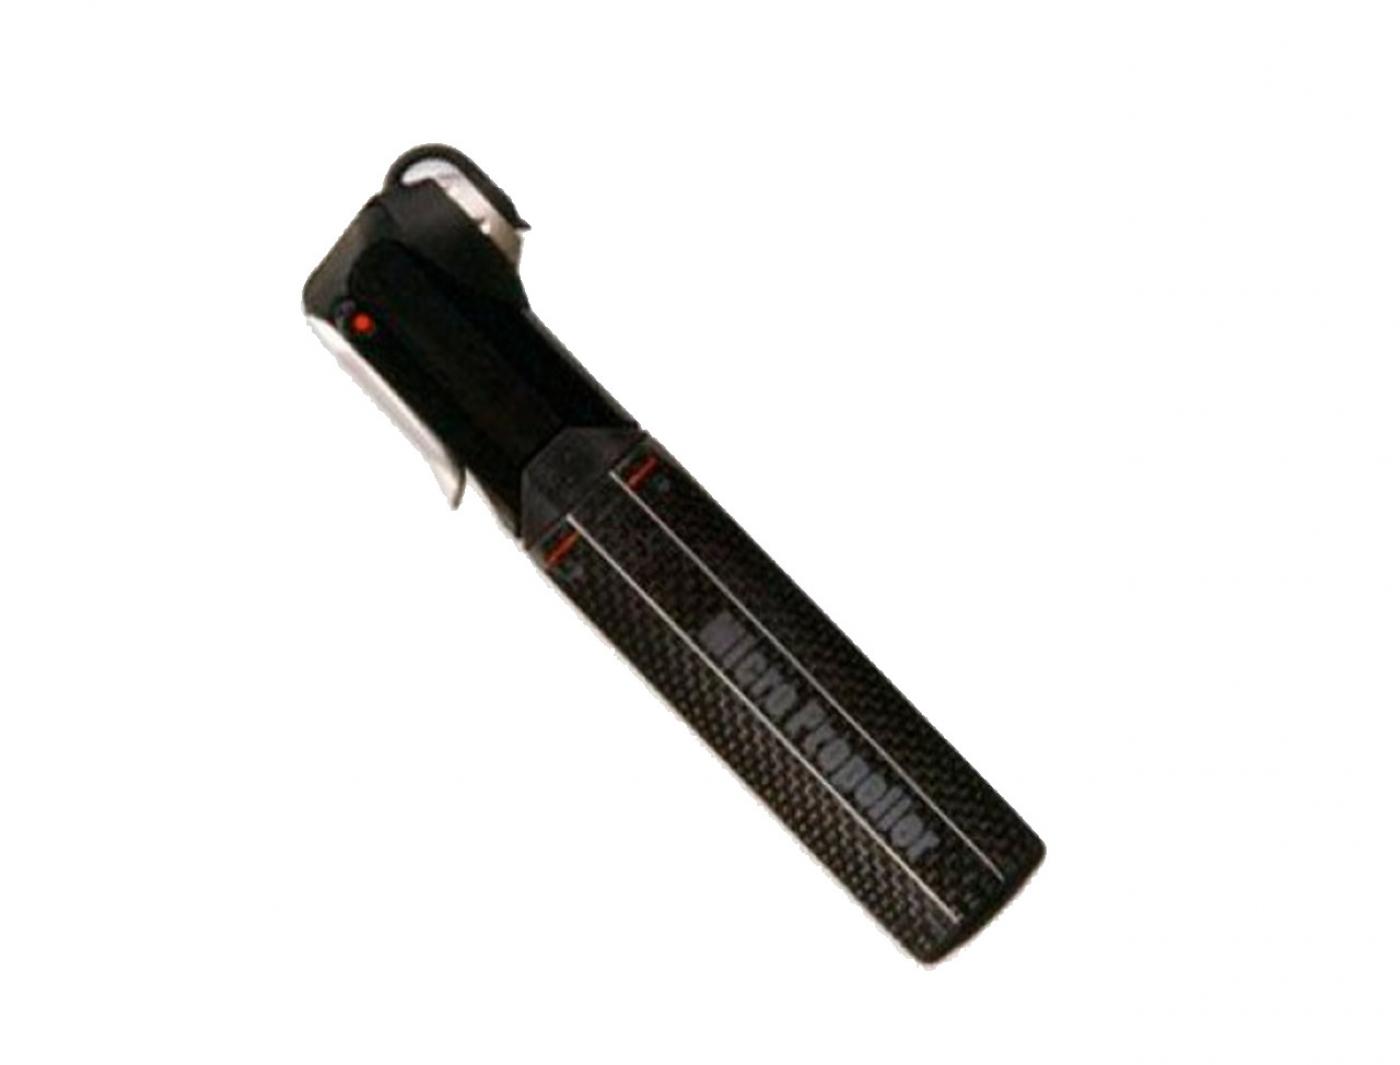 Насос карбоновый Giyo, Road Mini Pump, с фиксатором 6 bar, в упаковке